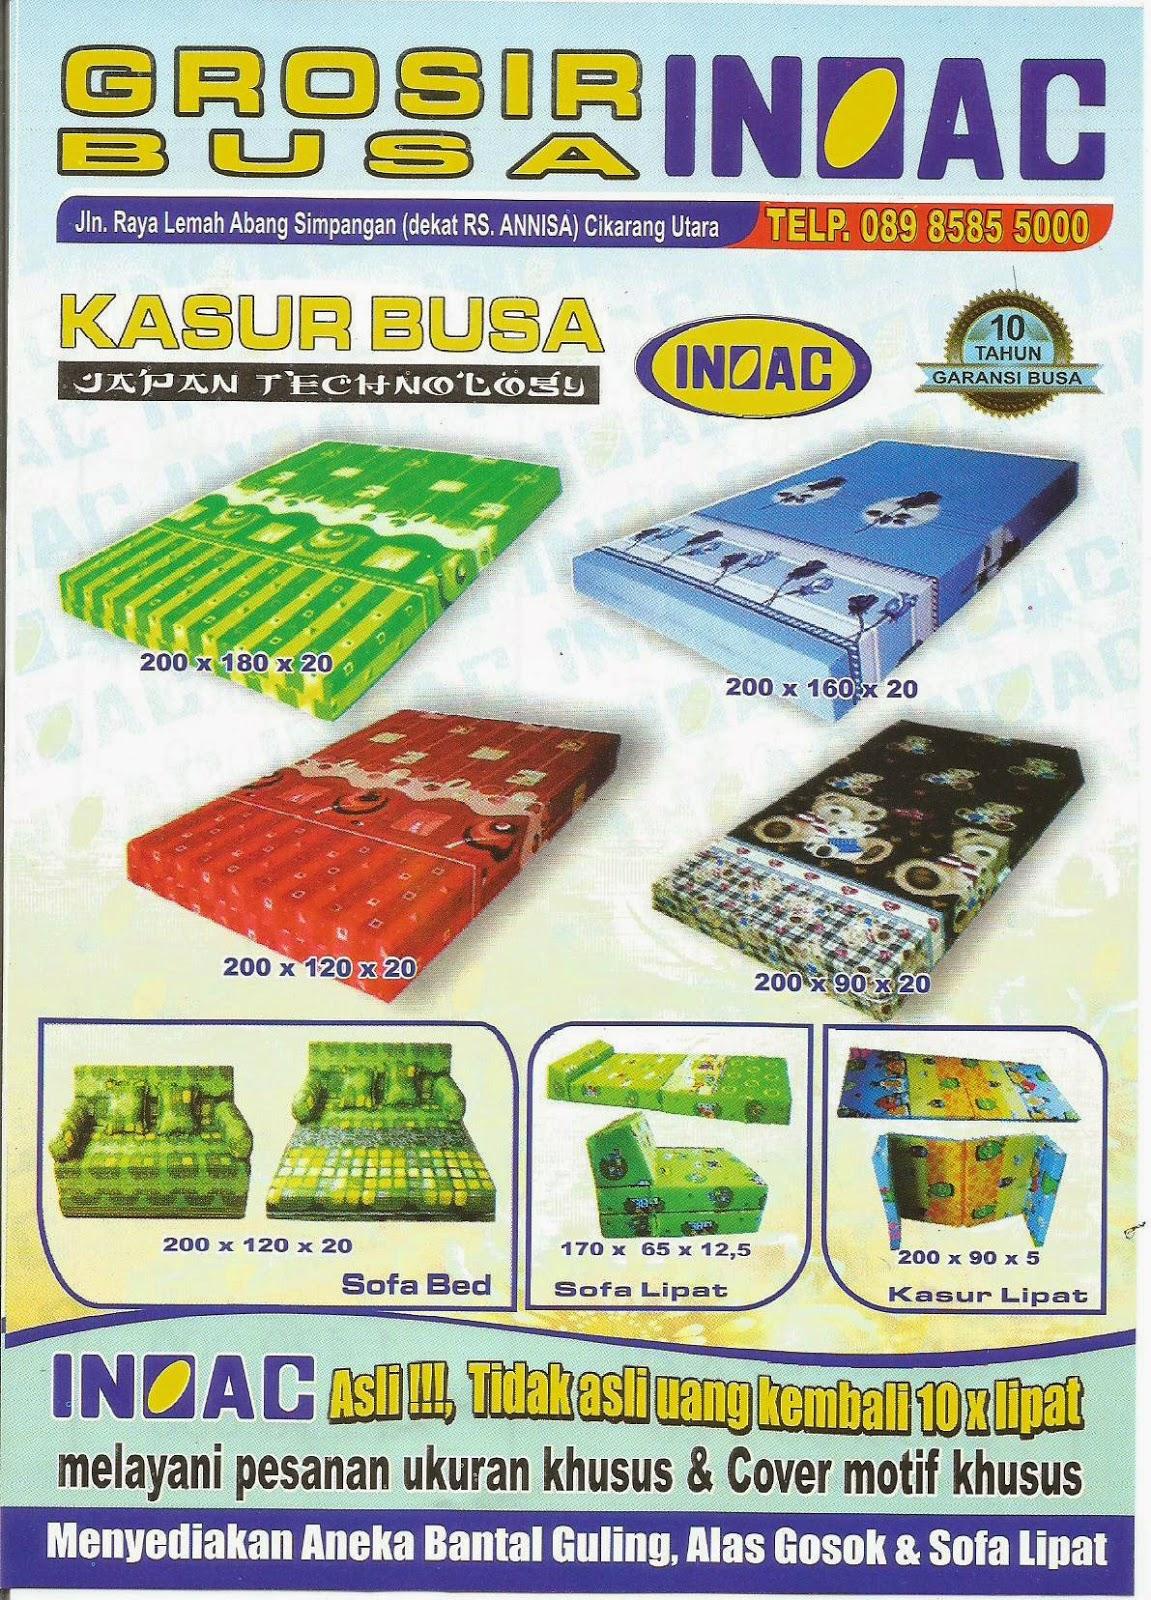 harga sofa bed inoac cikarang mahjong preis kasur busa bekasi aneka produk foam